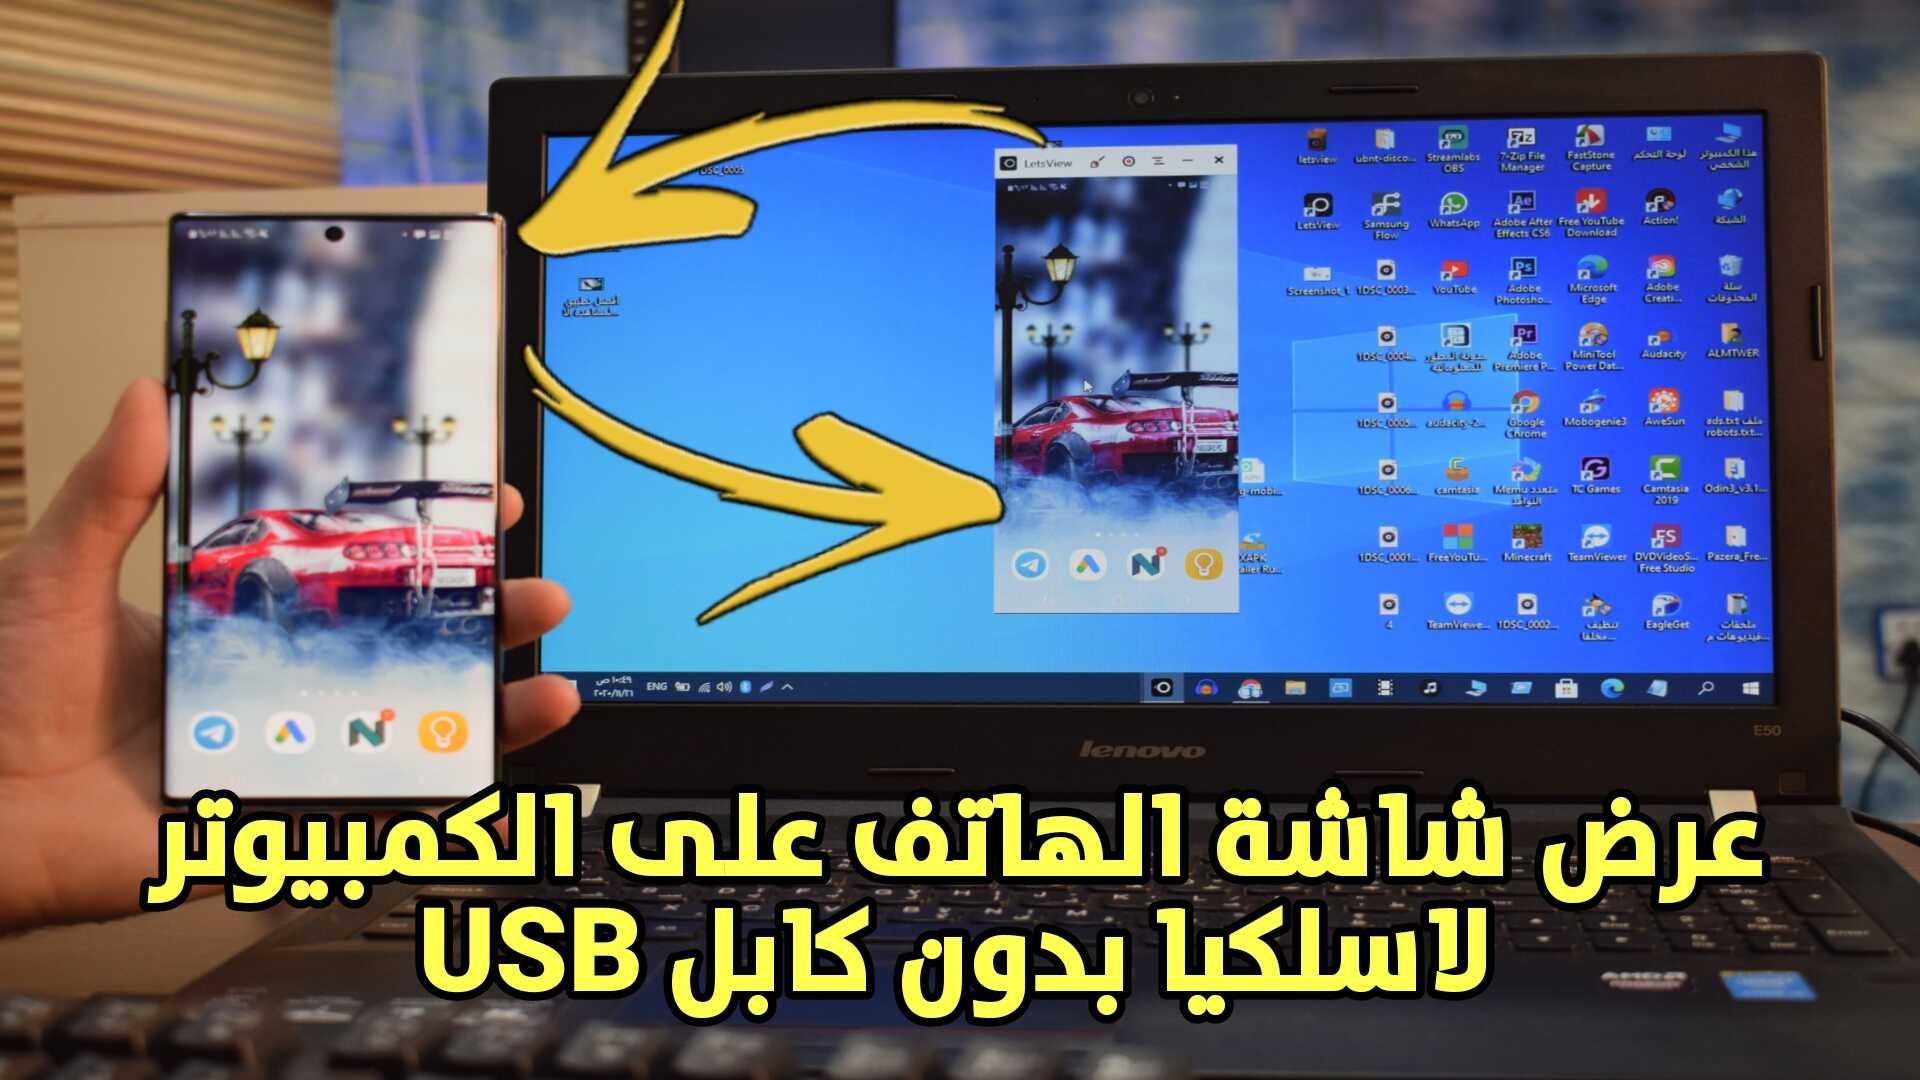 عرض شاشة الهاتف على الكمبيوتر لاسلكيا بدون كابل USB للاندرويد